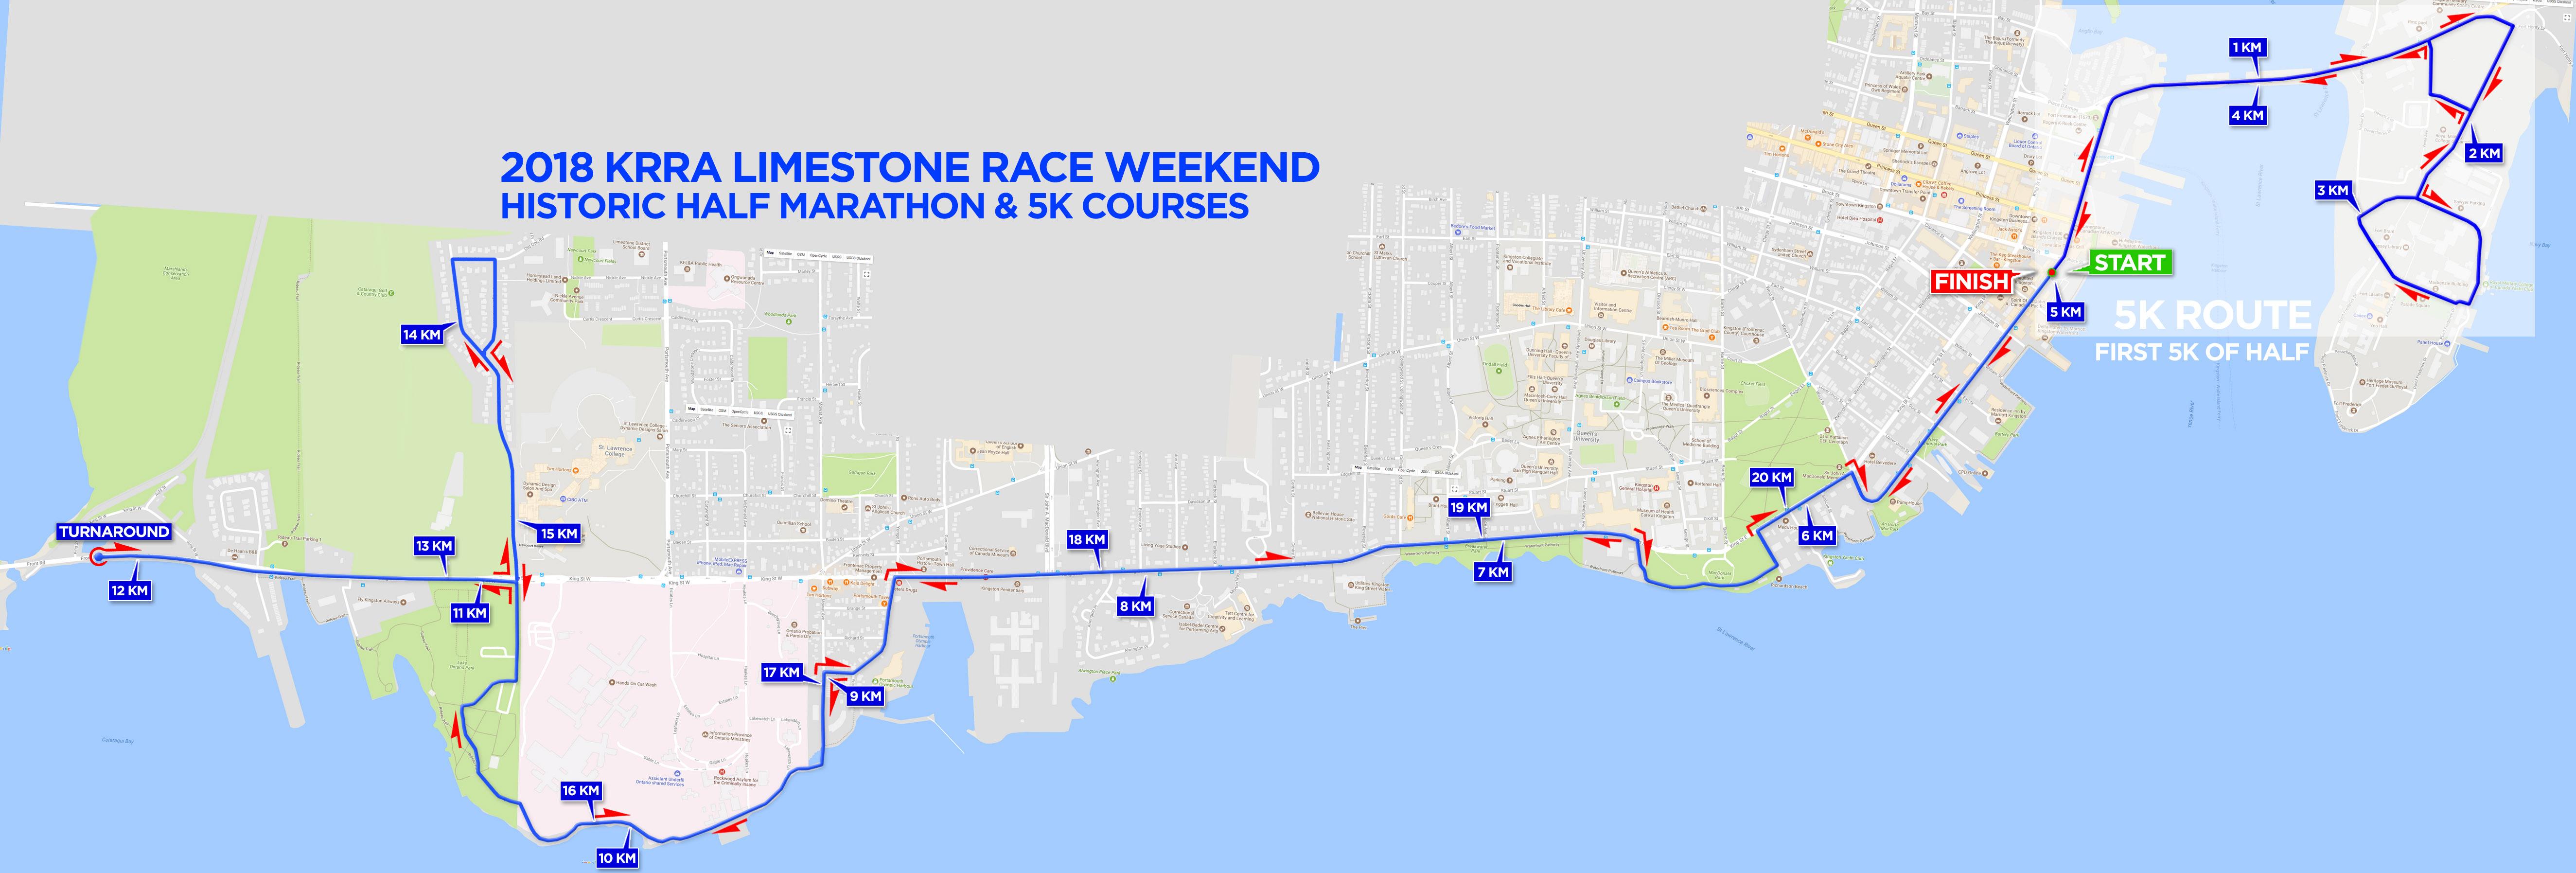 limestone race weekend krra